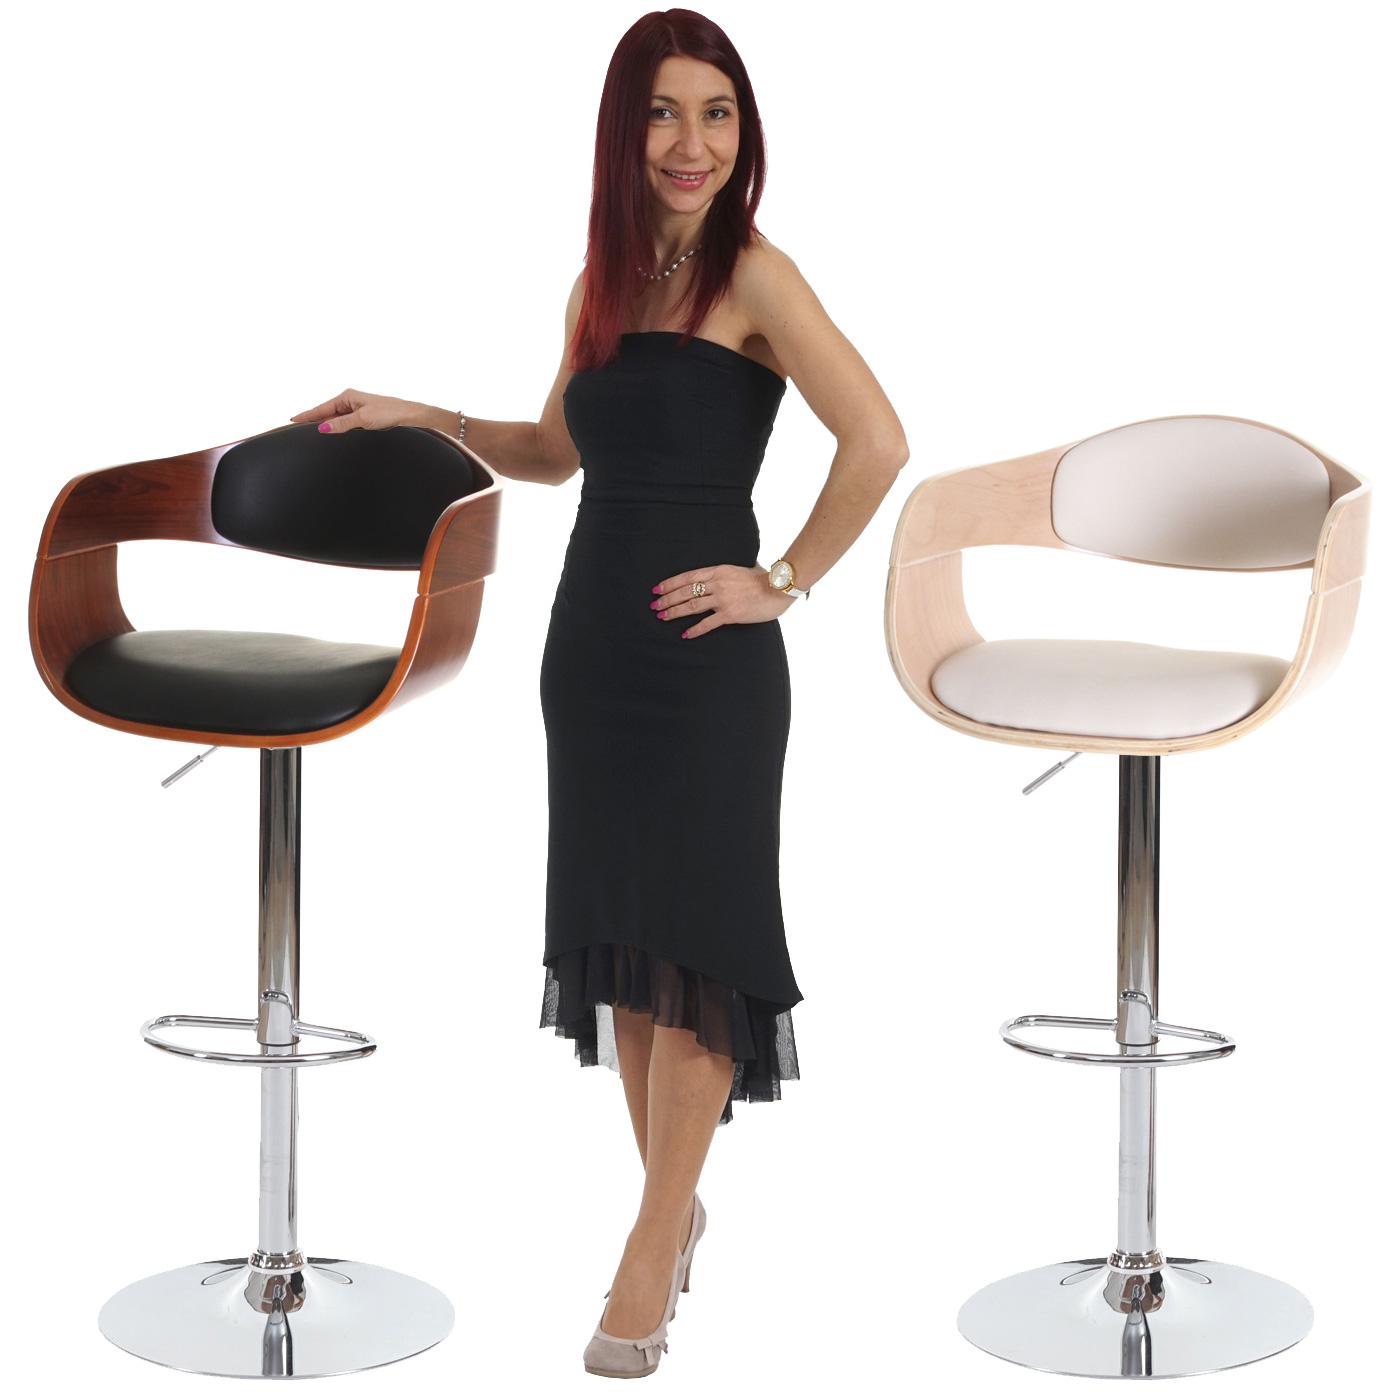 barhocker 63 cm preisvergleiche erfahrungsberichte und kauf bei nextag. Black Bedroom Furniture Sets. Home Design Ideas